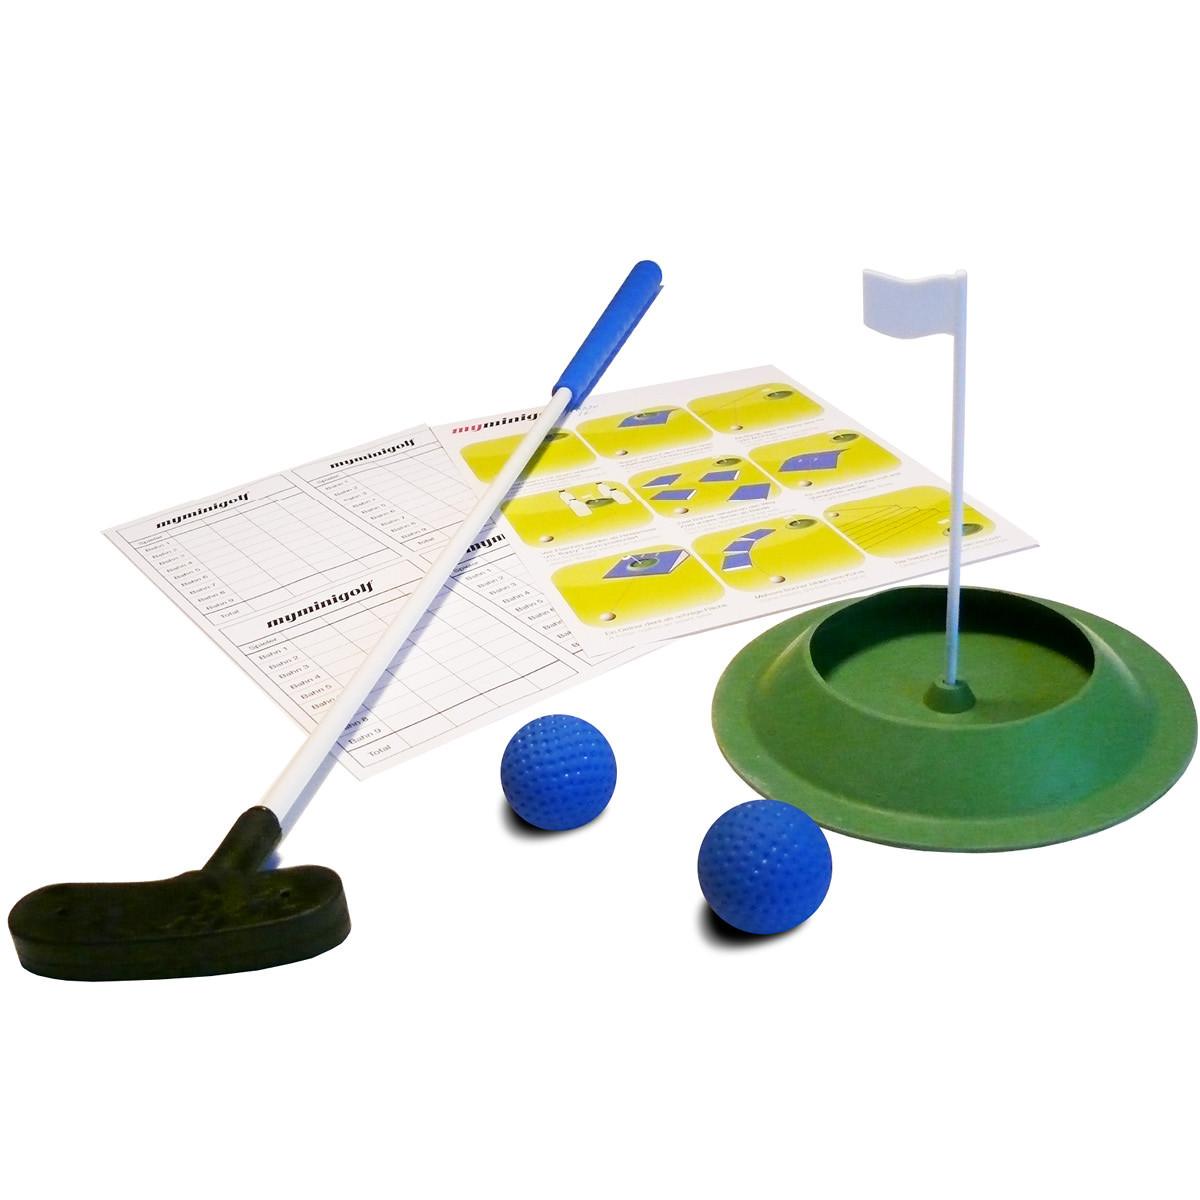 MyMinigolf Minigolfspiel Kinderset - Floppy Starter Kit